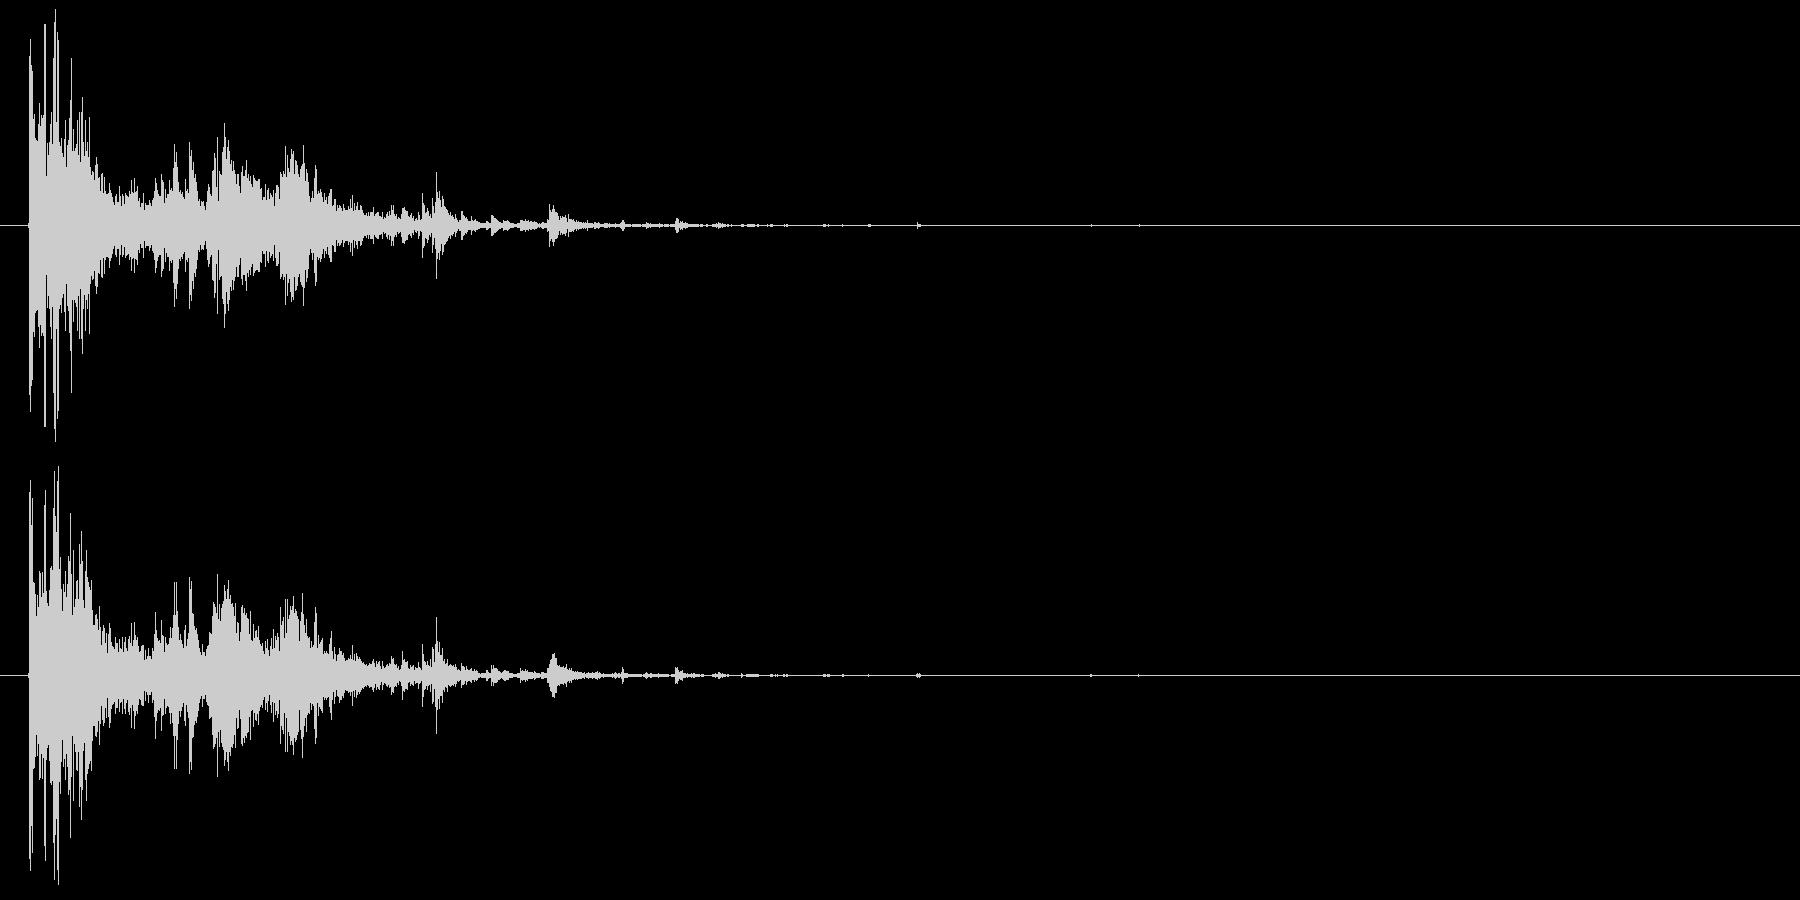 画像フレームのクラッシュの未再生の波形